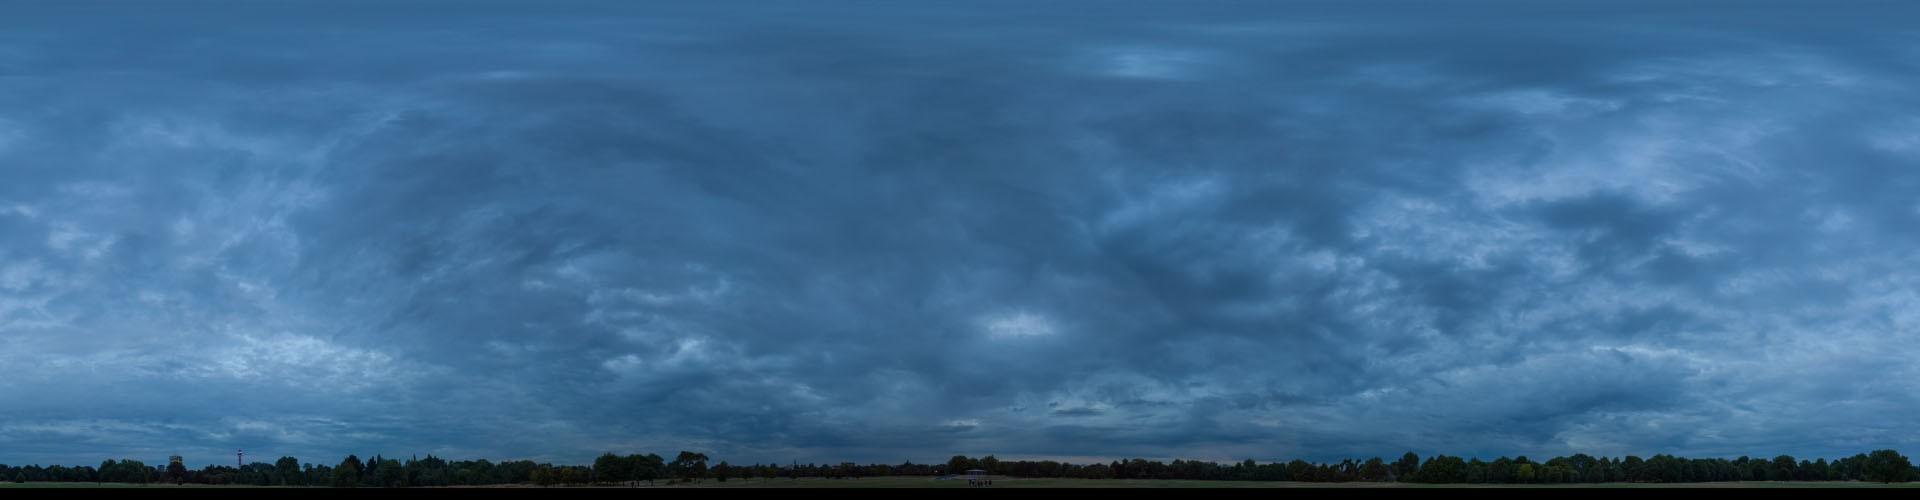 Blue Hour 2713 (58k)